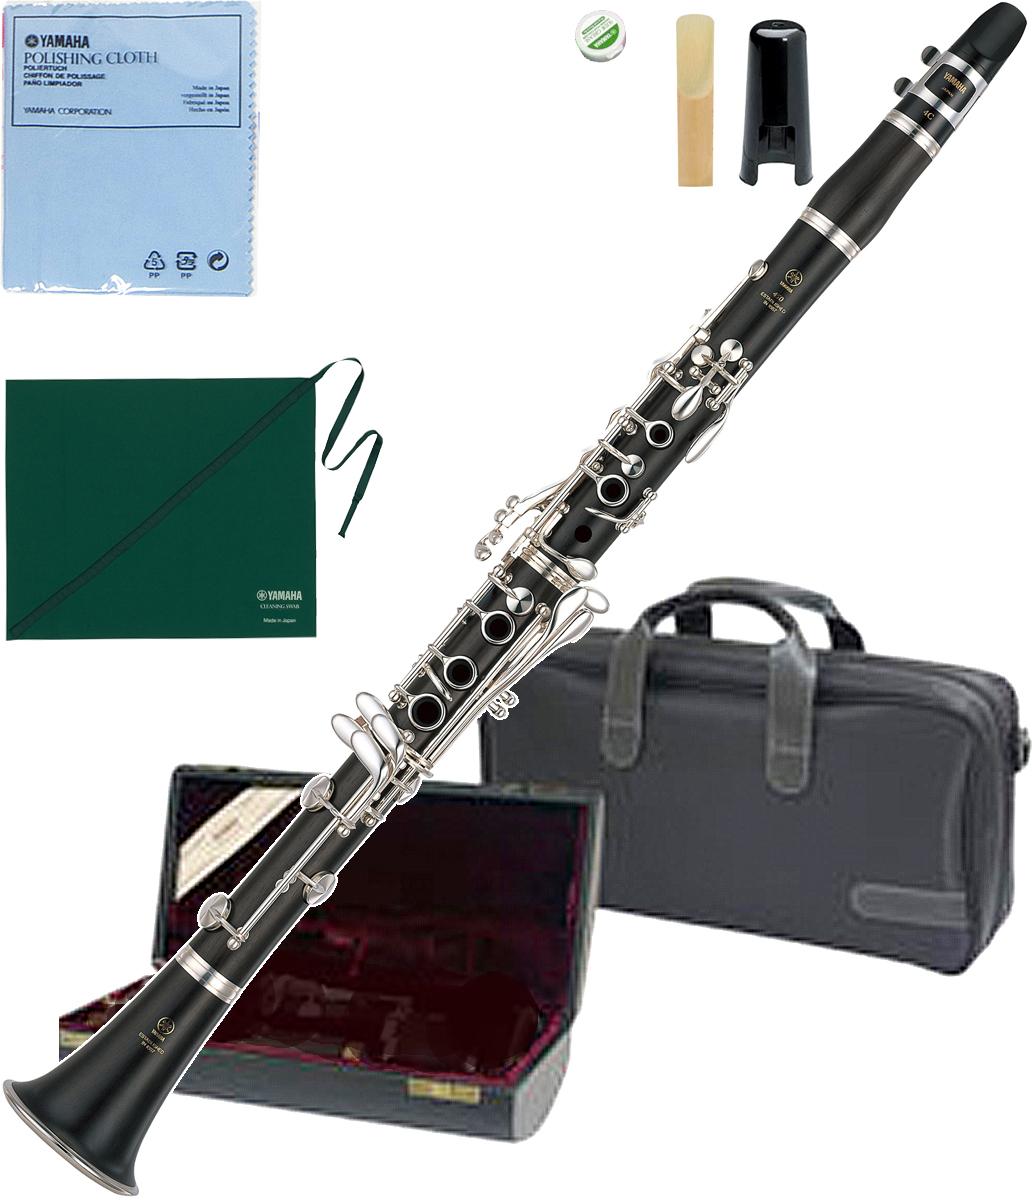 YAMAHA ( ヤマハ ) YCL-450 クラリネット 木製 正規品 グラナディラ B♭ 日本製 管楽器 スタンダード Bb clarinet 北海道 沖縄 離島不可